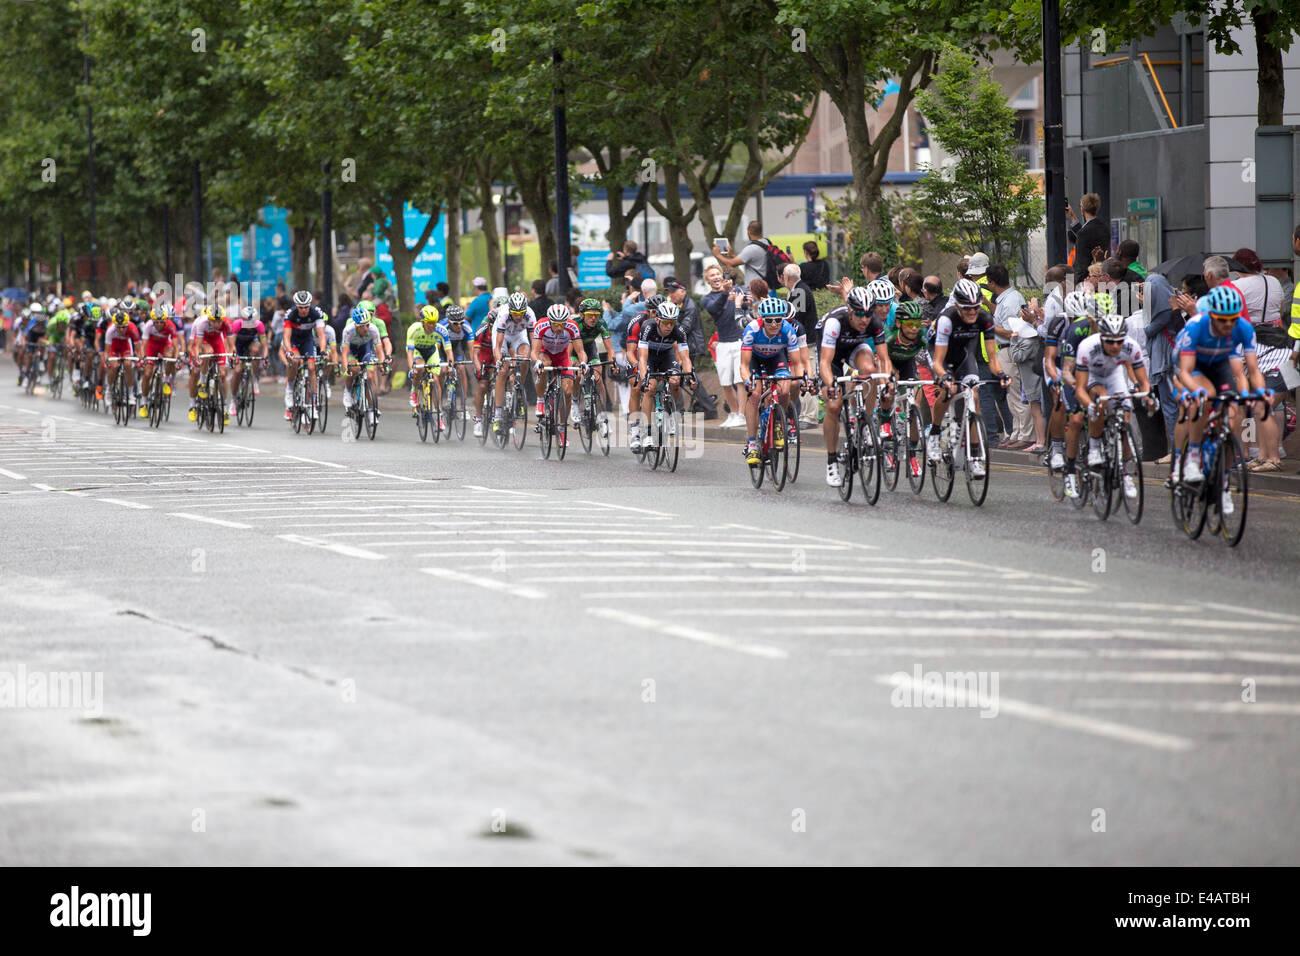 3e29481eb Tour De France Stock Photos   Tour De France Stock Images - Alamy